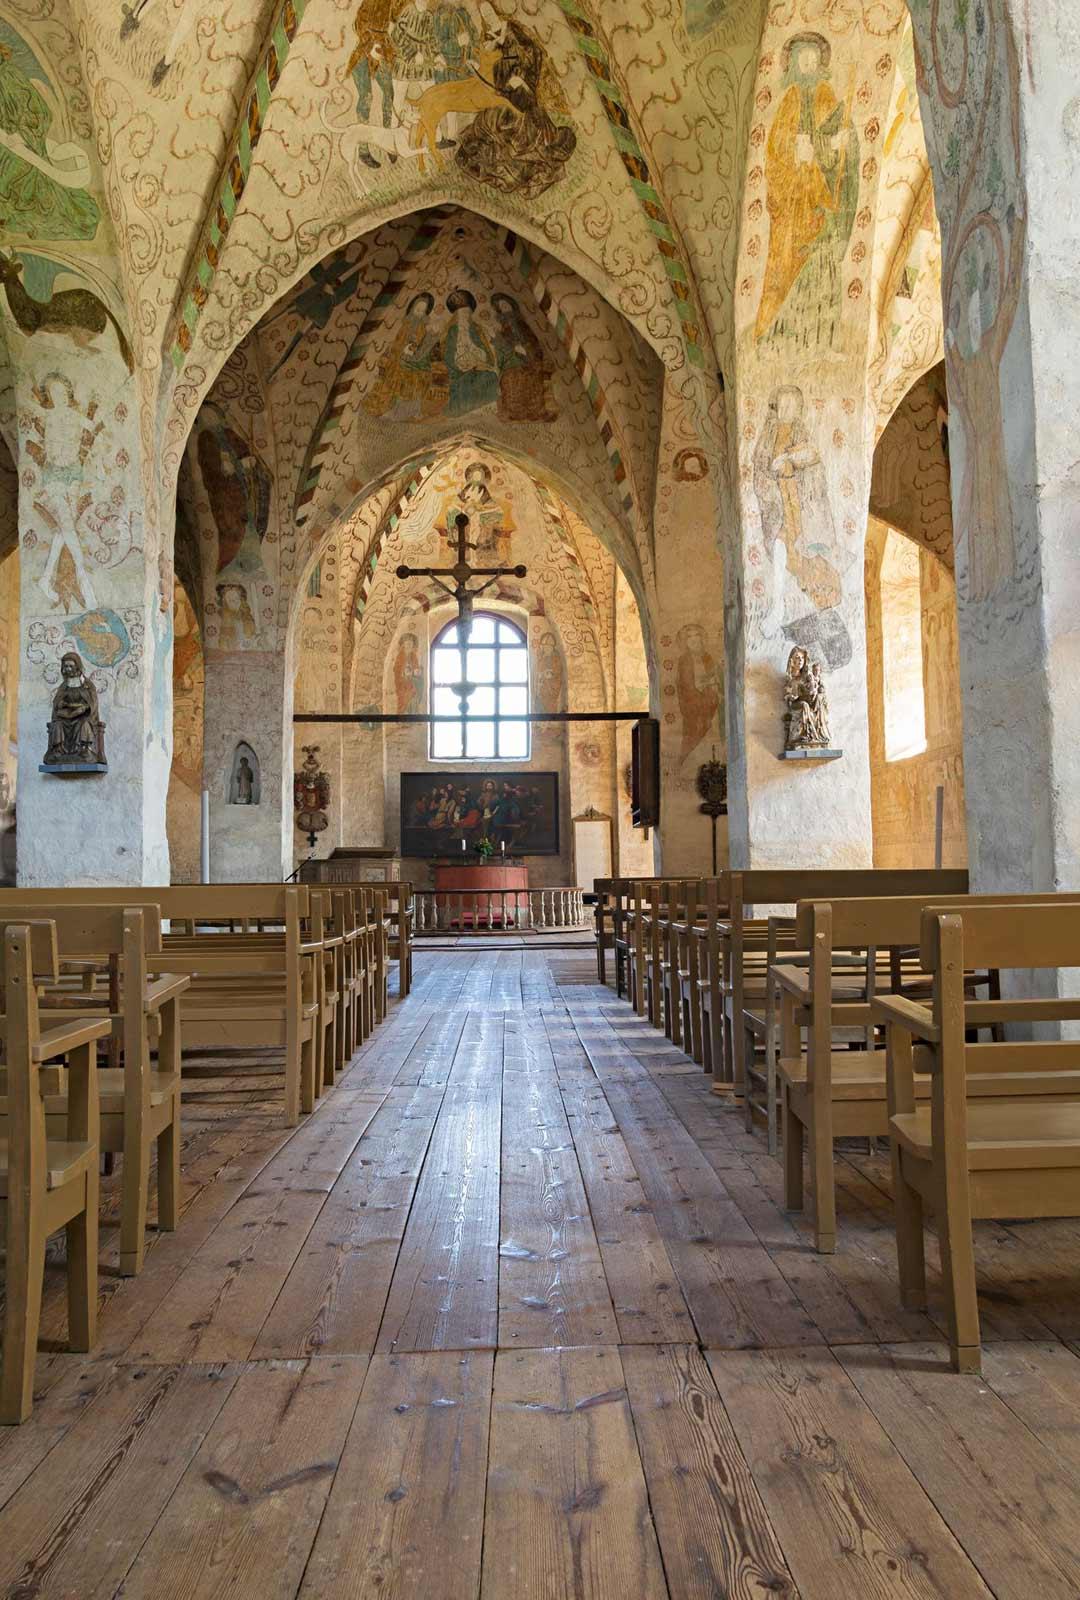 Kirkko on koristeltu kuvin seinistä kattoon. Sen keskiaikainen kauneus on ainutlaatuista.